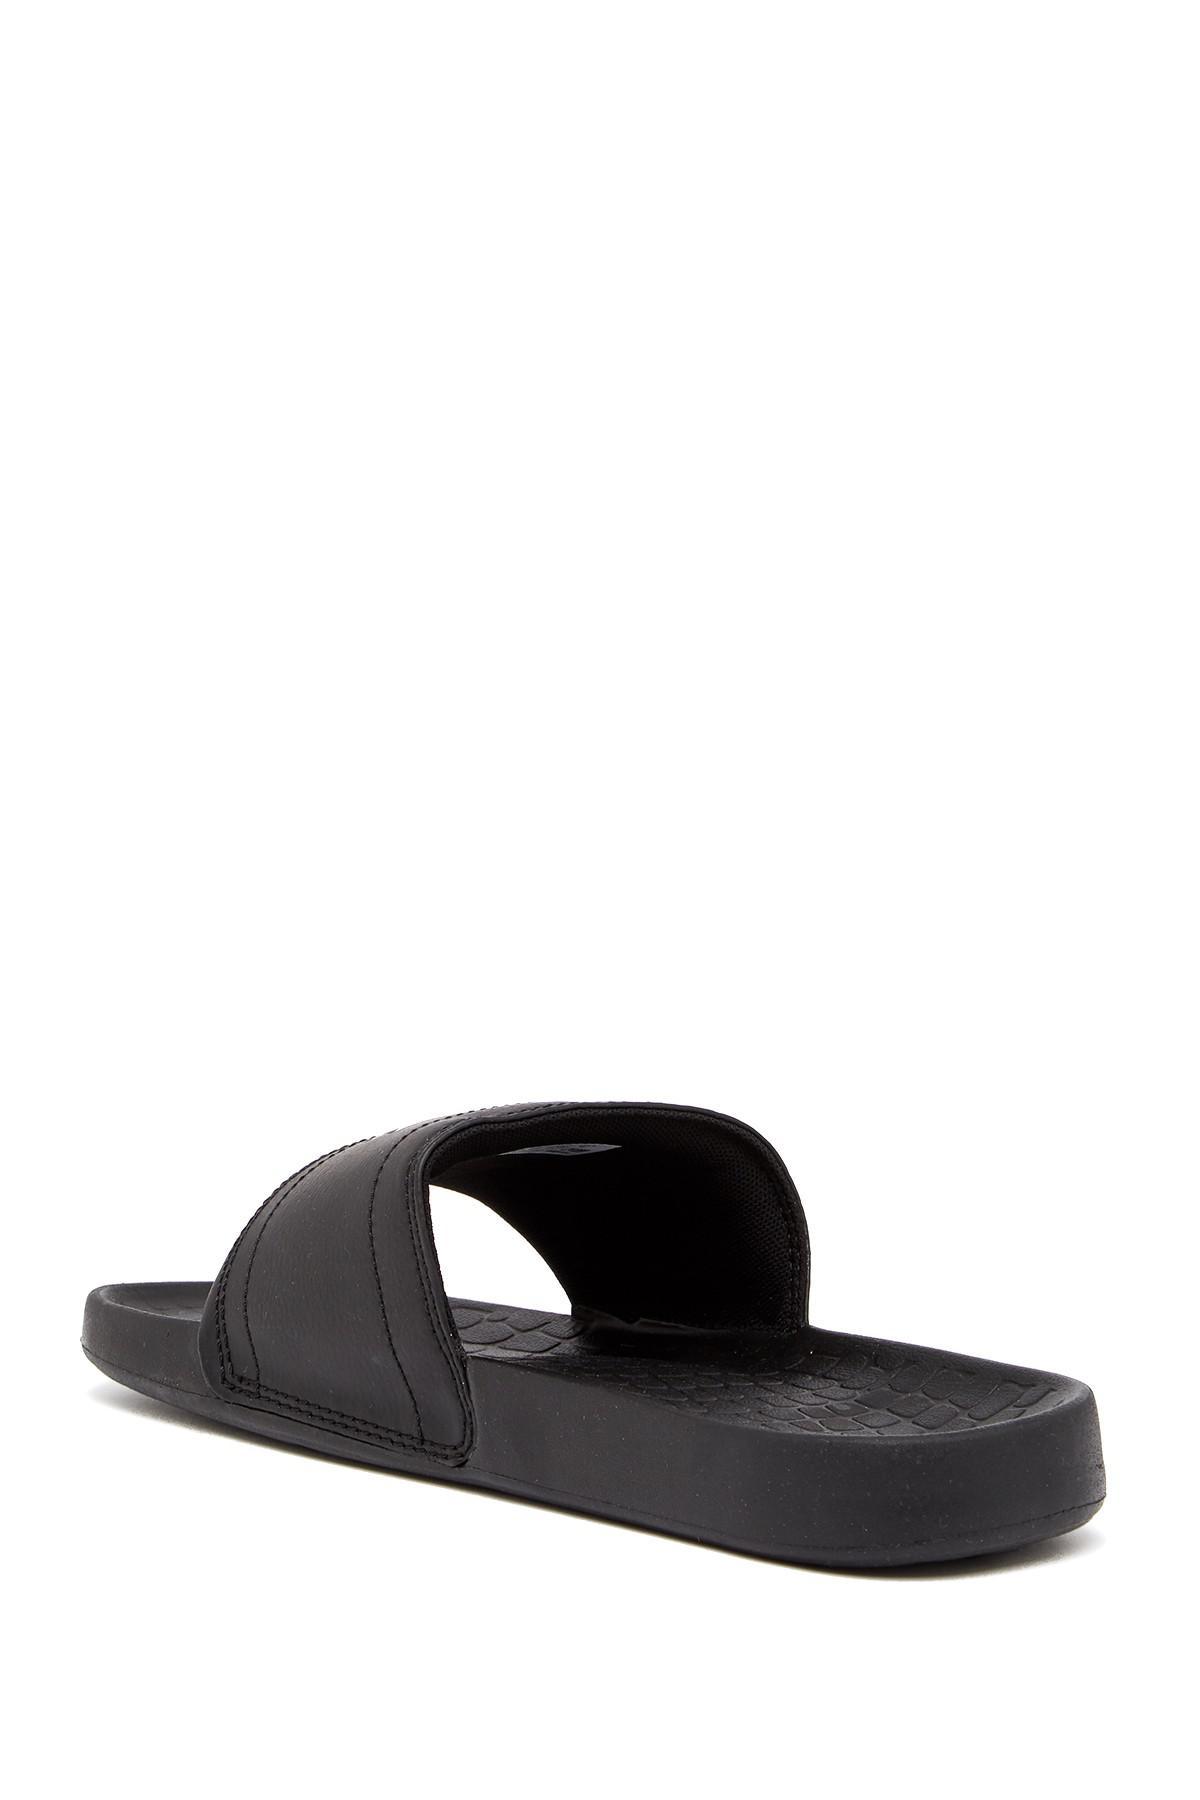 d657796d2902 Lacoste - Fraisier 118 1 Us (green black) Men s Shoes for Men -. View  fullscreen